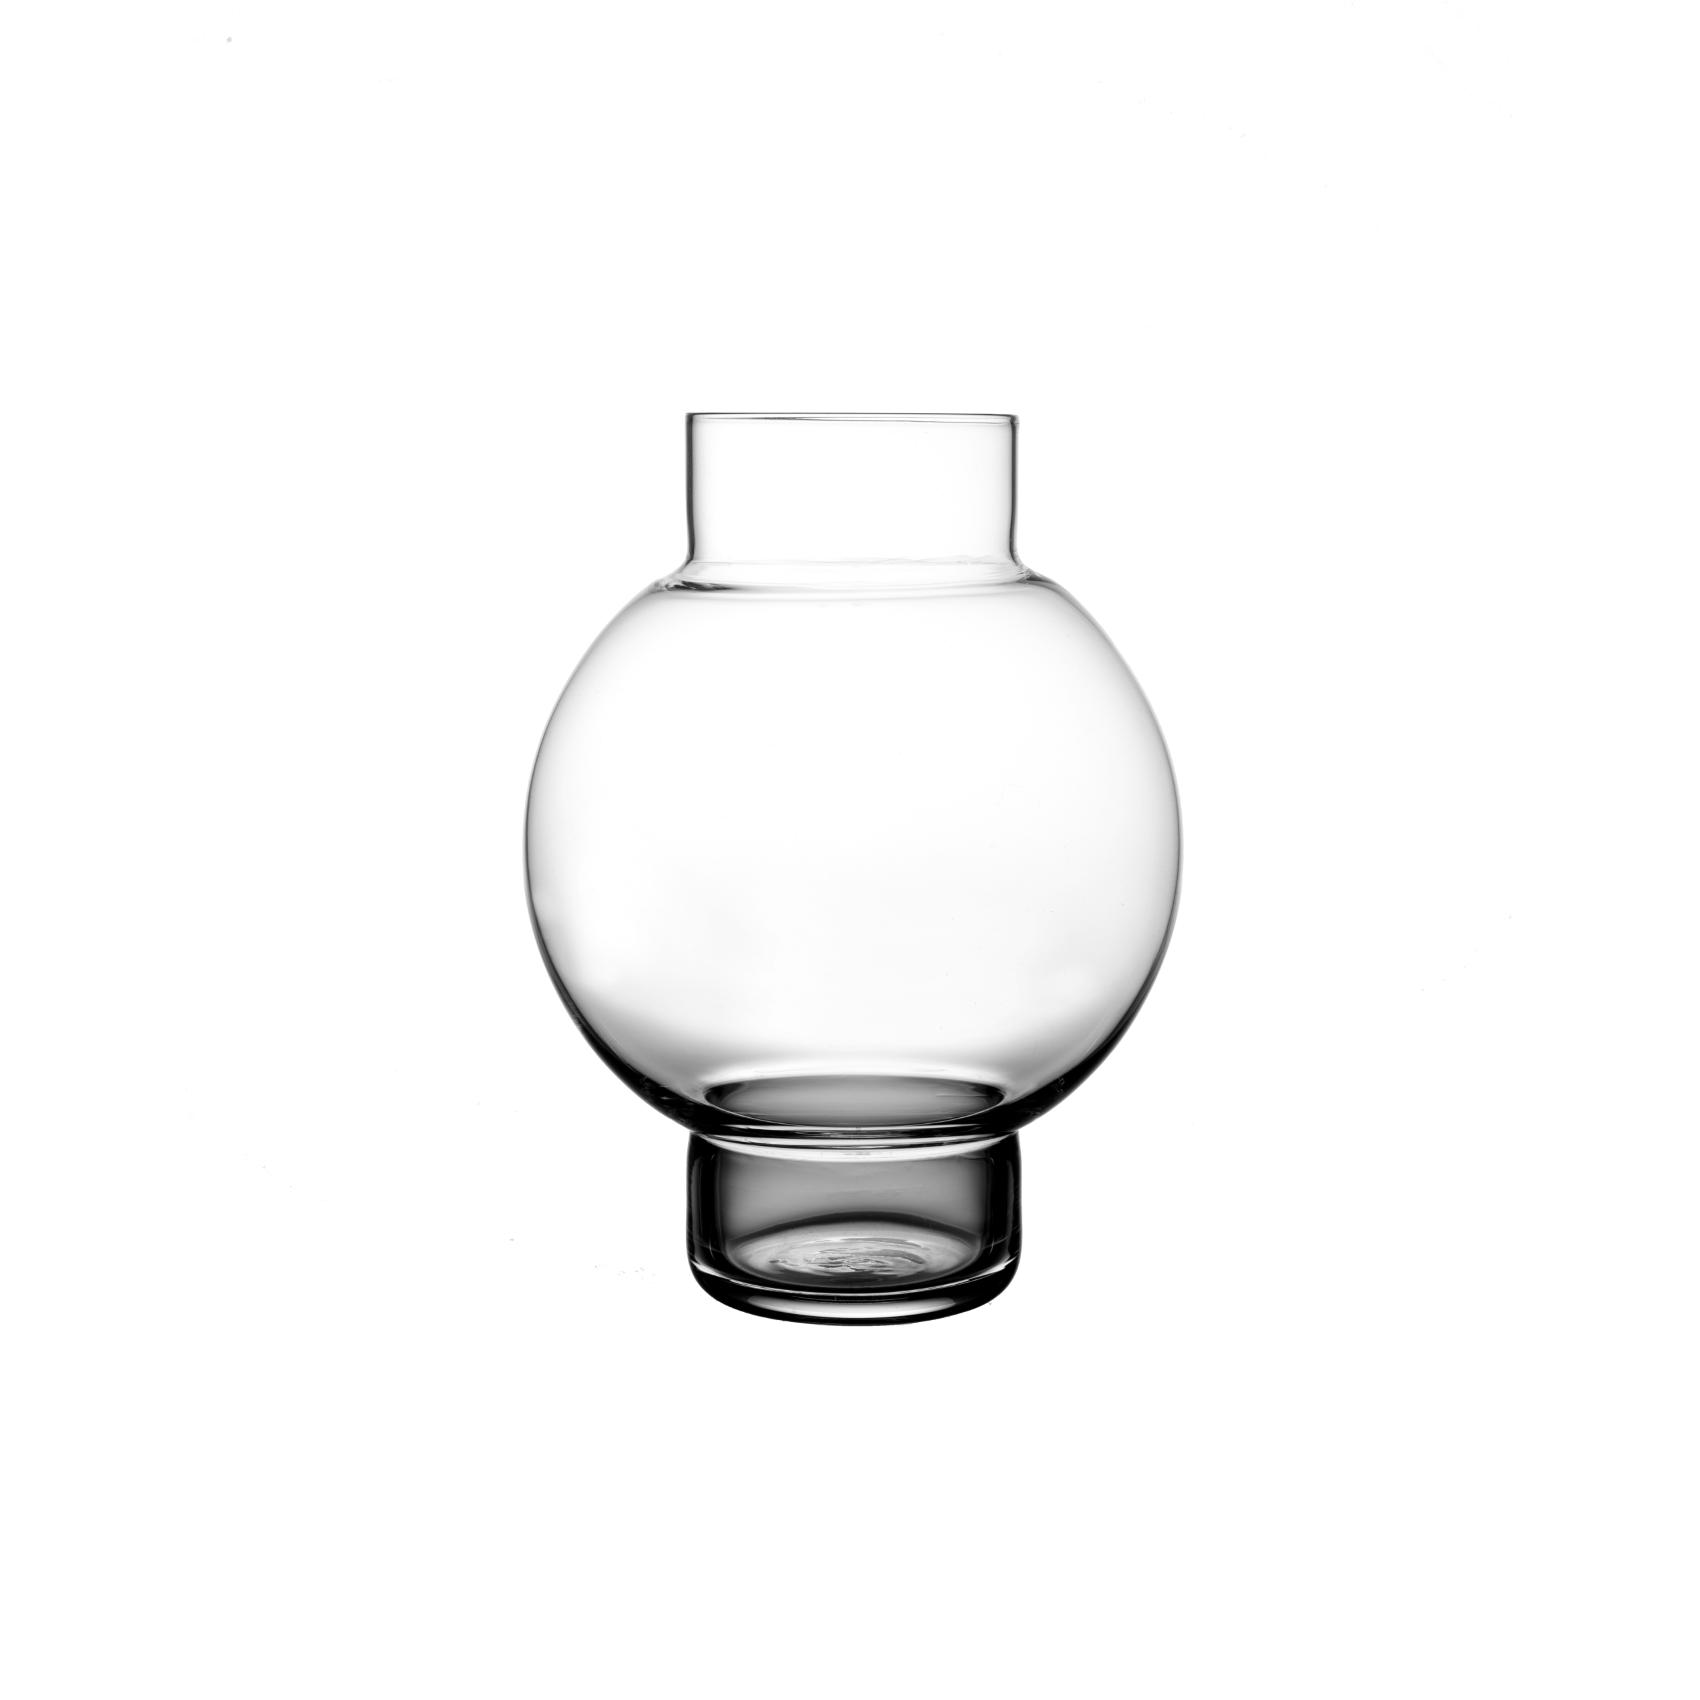 TOKYO Ljuslykta / Vas Liten, Skrufs Glasbruk